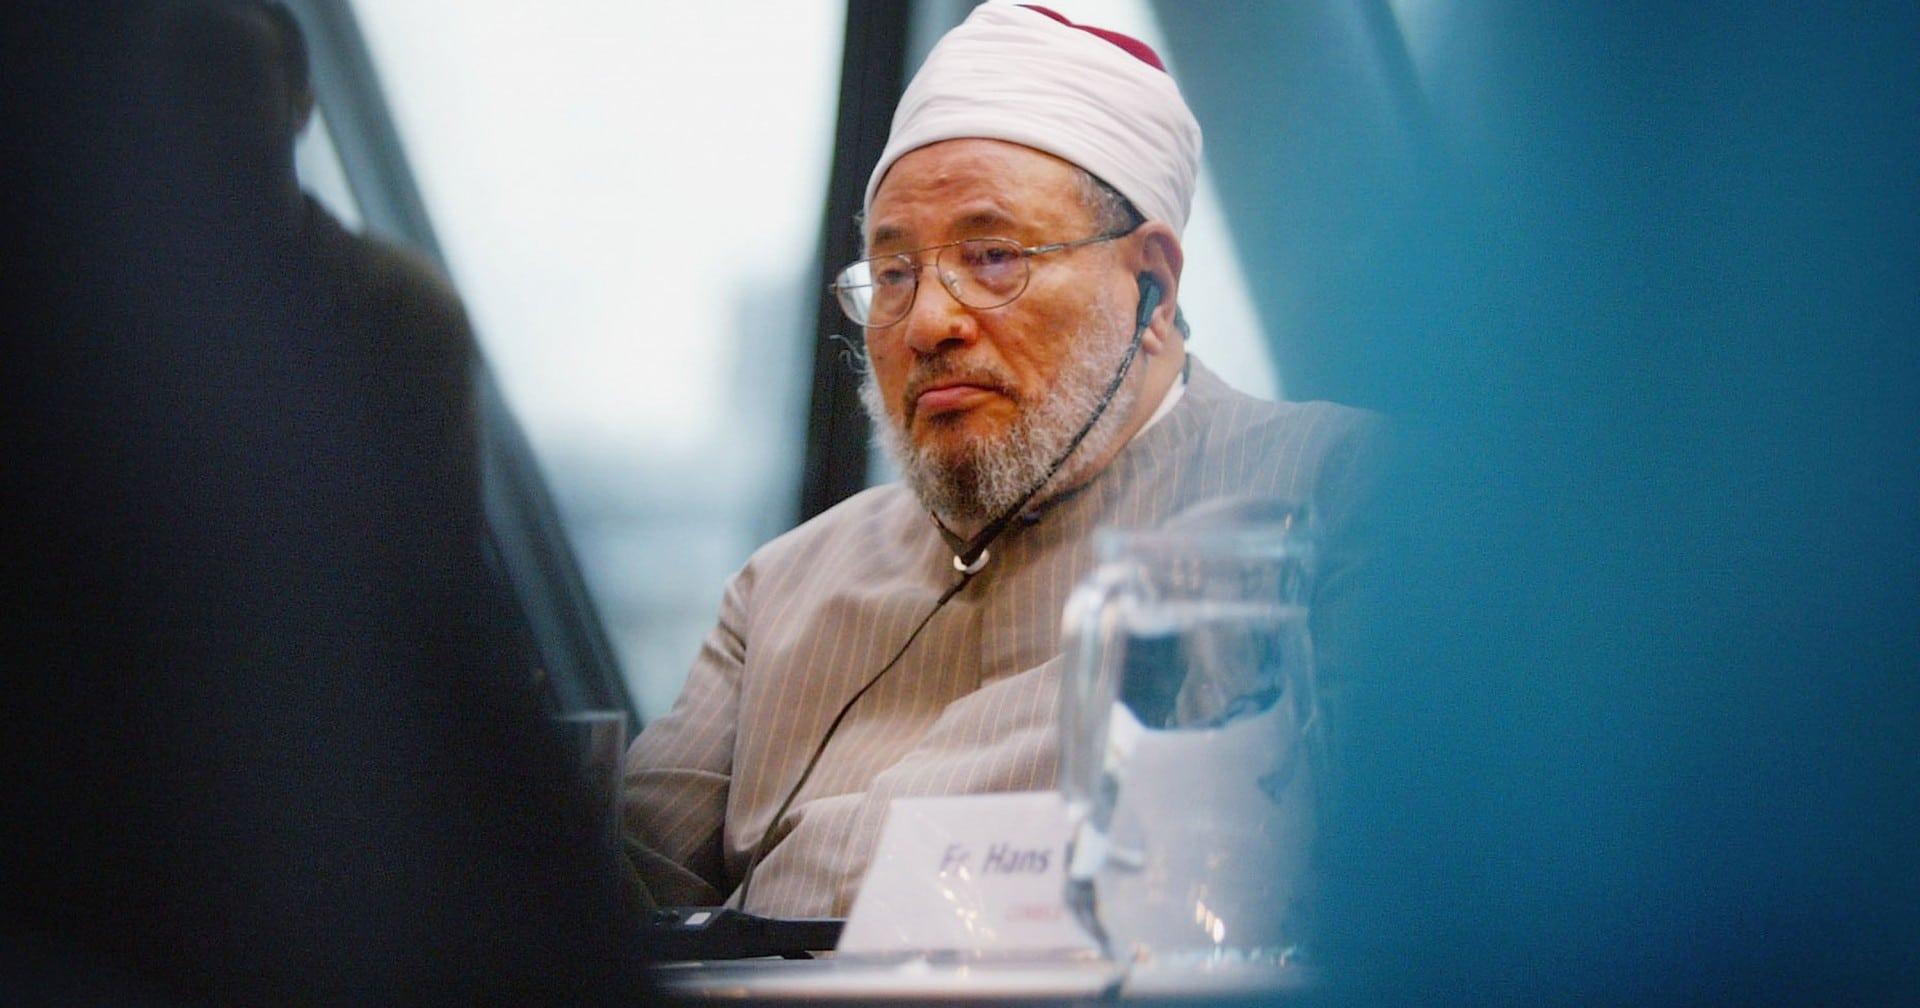 آخر تطوّرات الحالة الصحية للشيخ يوسف القرضاوي بعد أيام من إصابته بكورونا